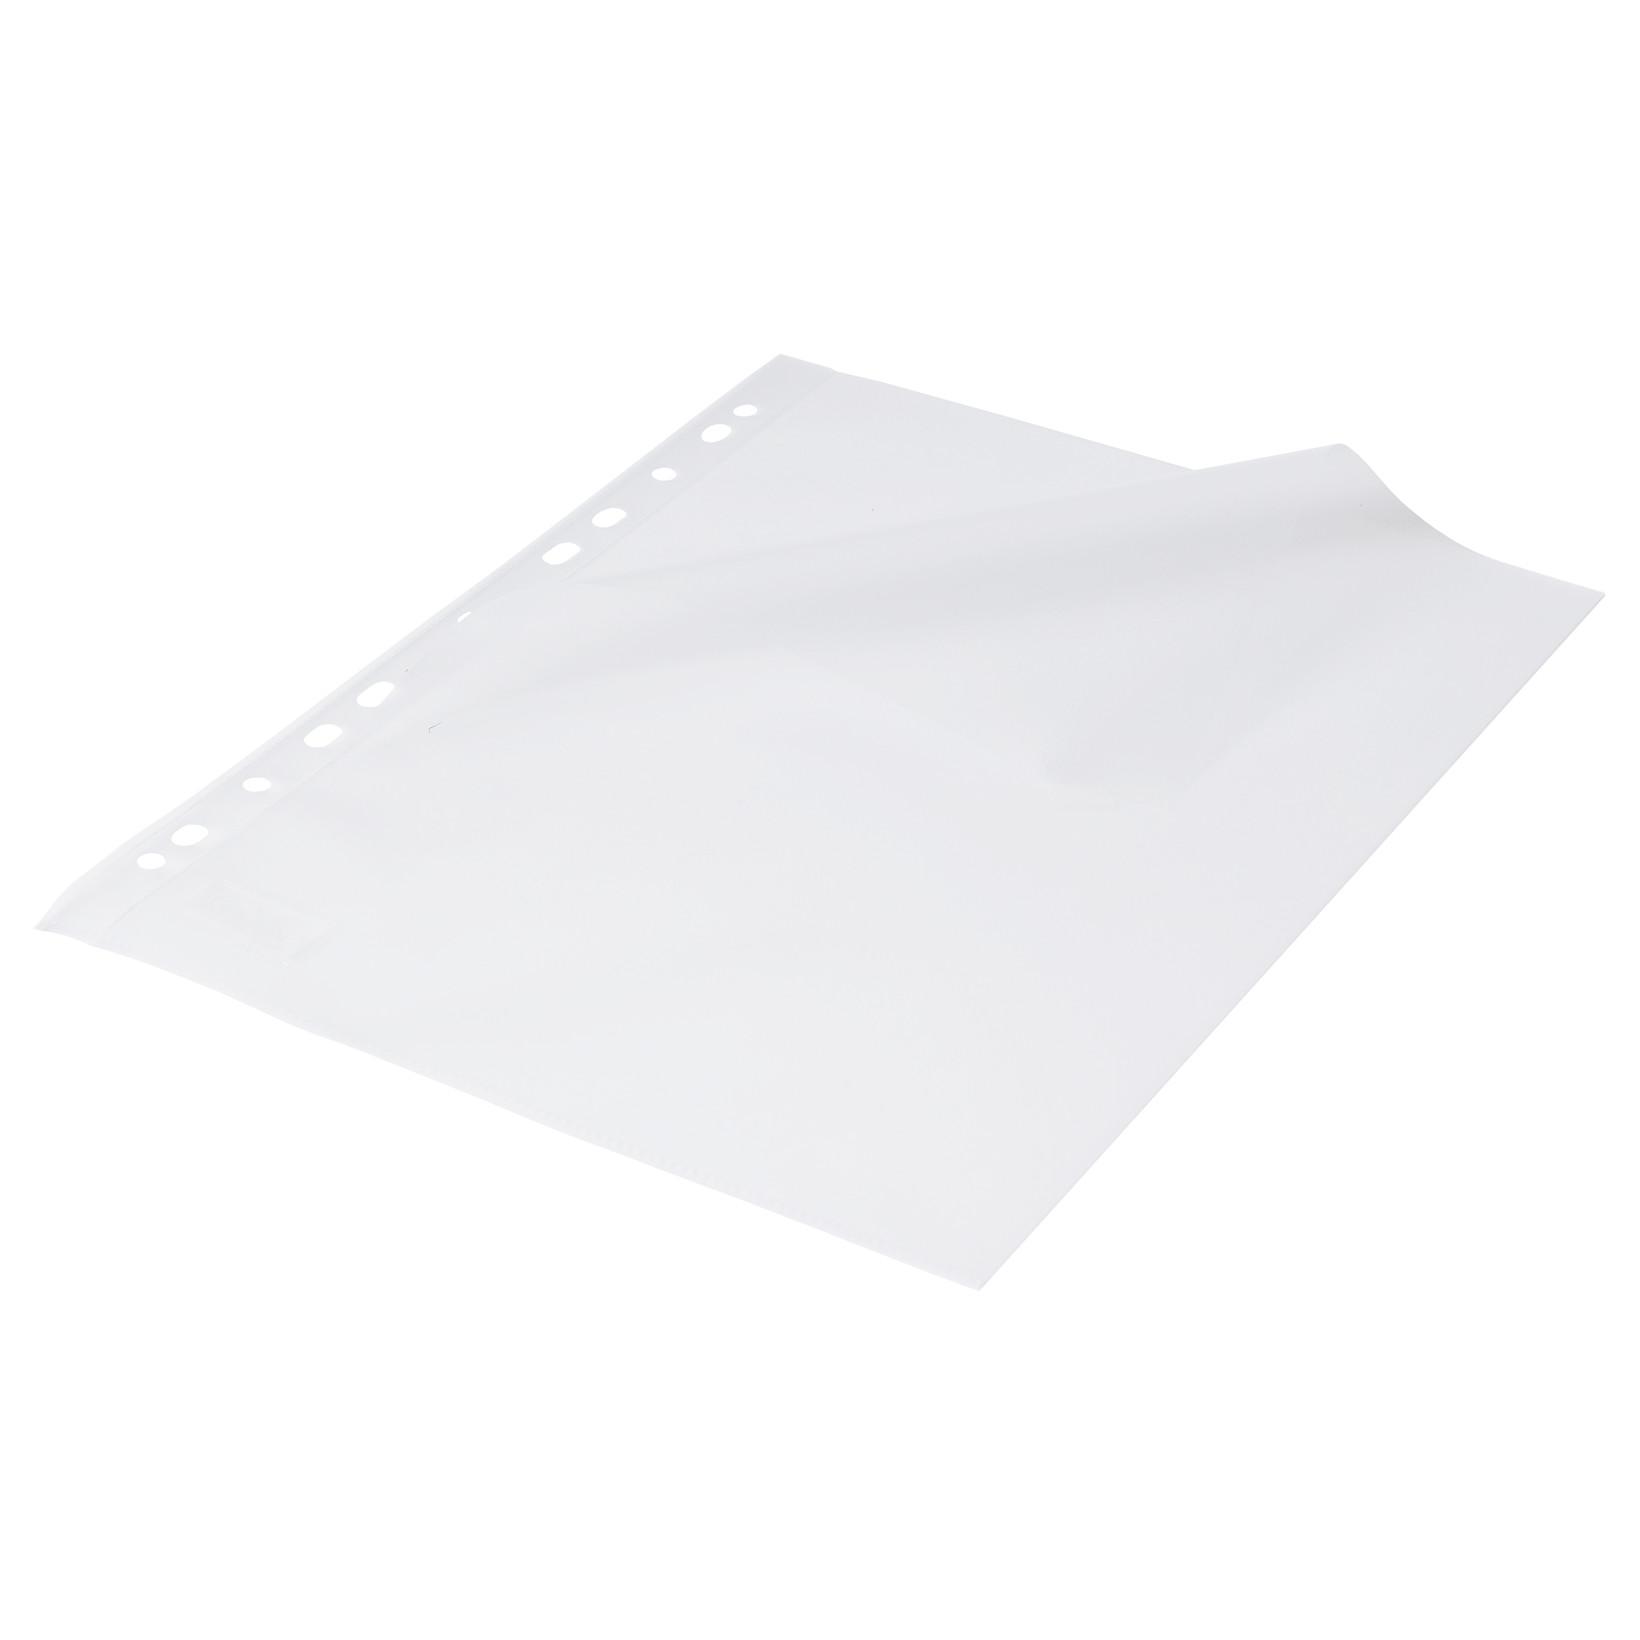 Plastlomme 0,12mm A4 åbn top og venstre side med præg hvid hulkant 100stk/pak NN